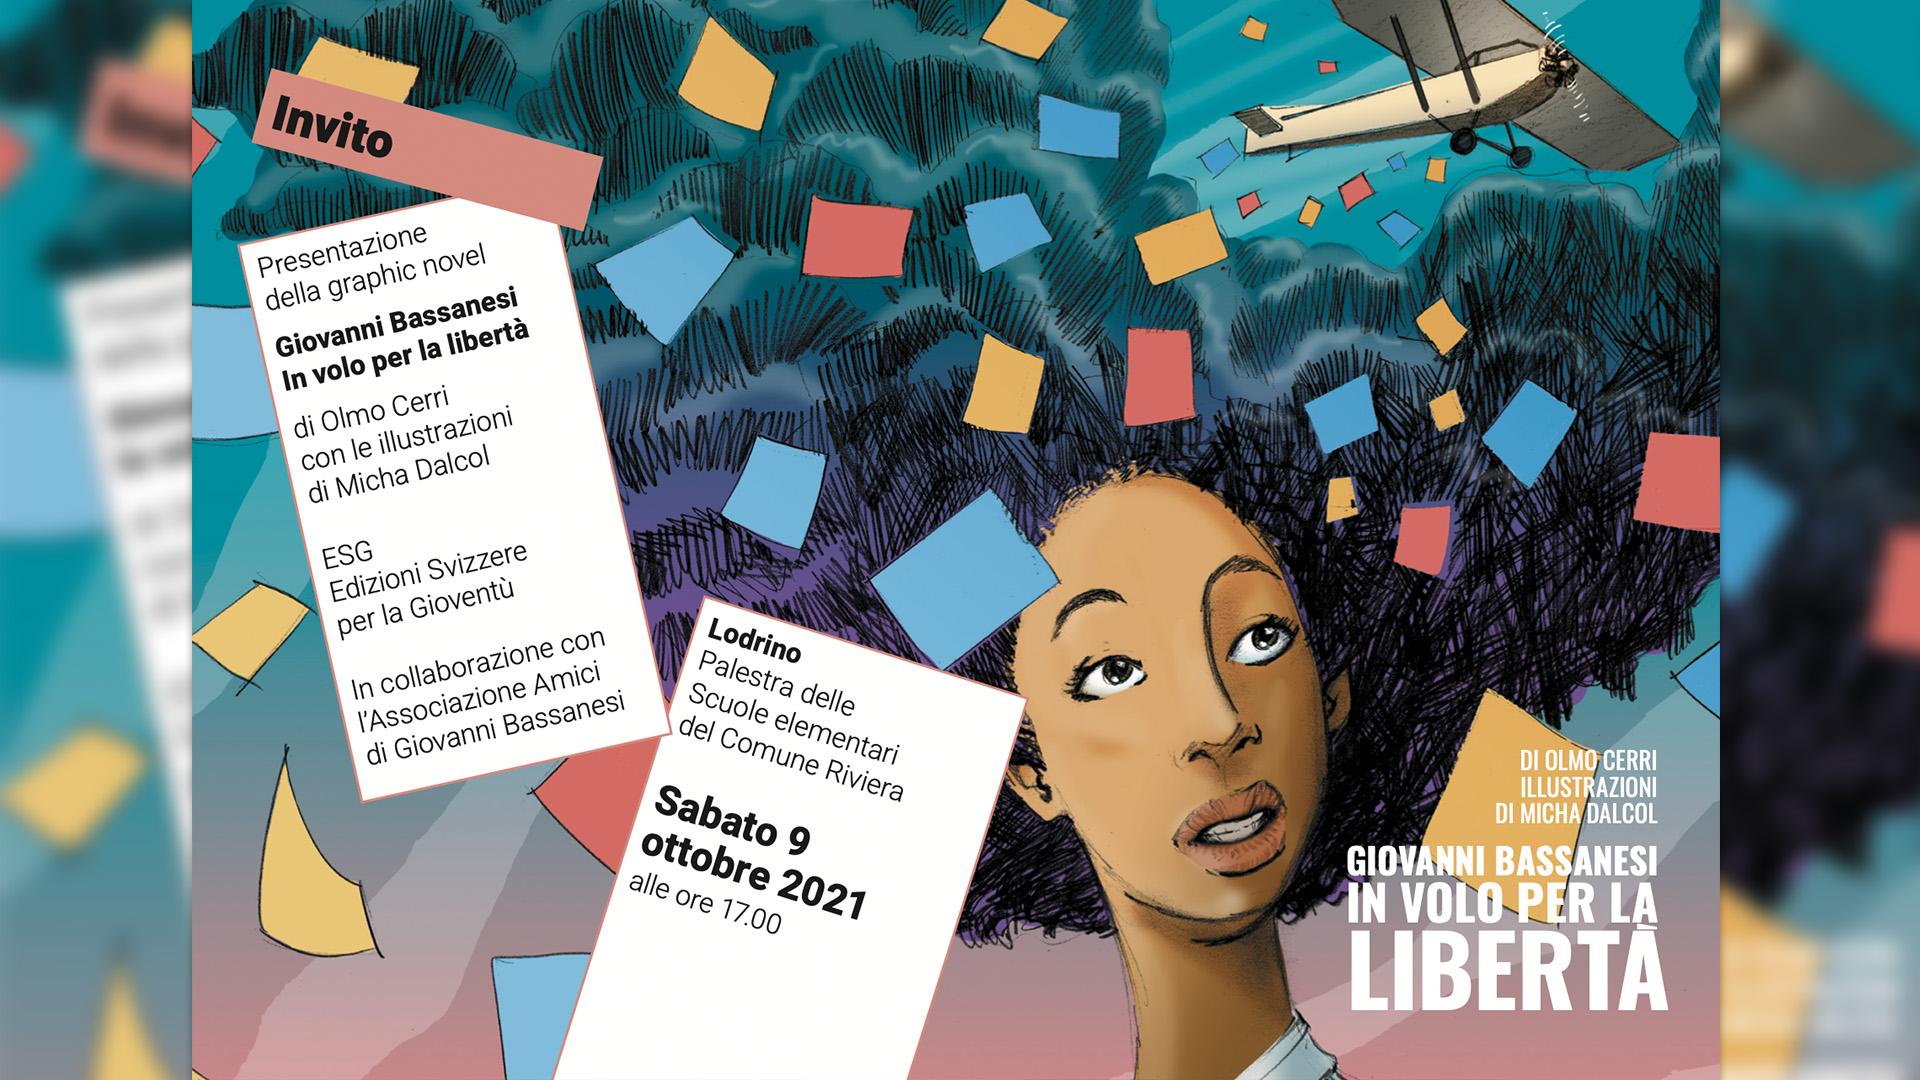 Presentazione della graphic novel: Giovanni Bassanesi